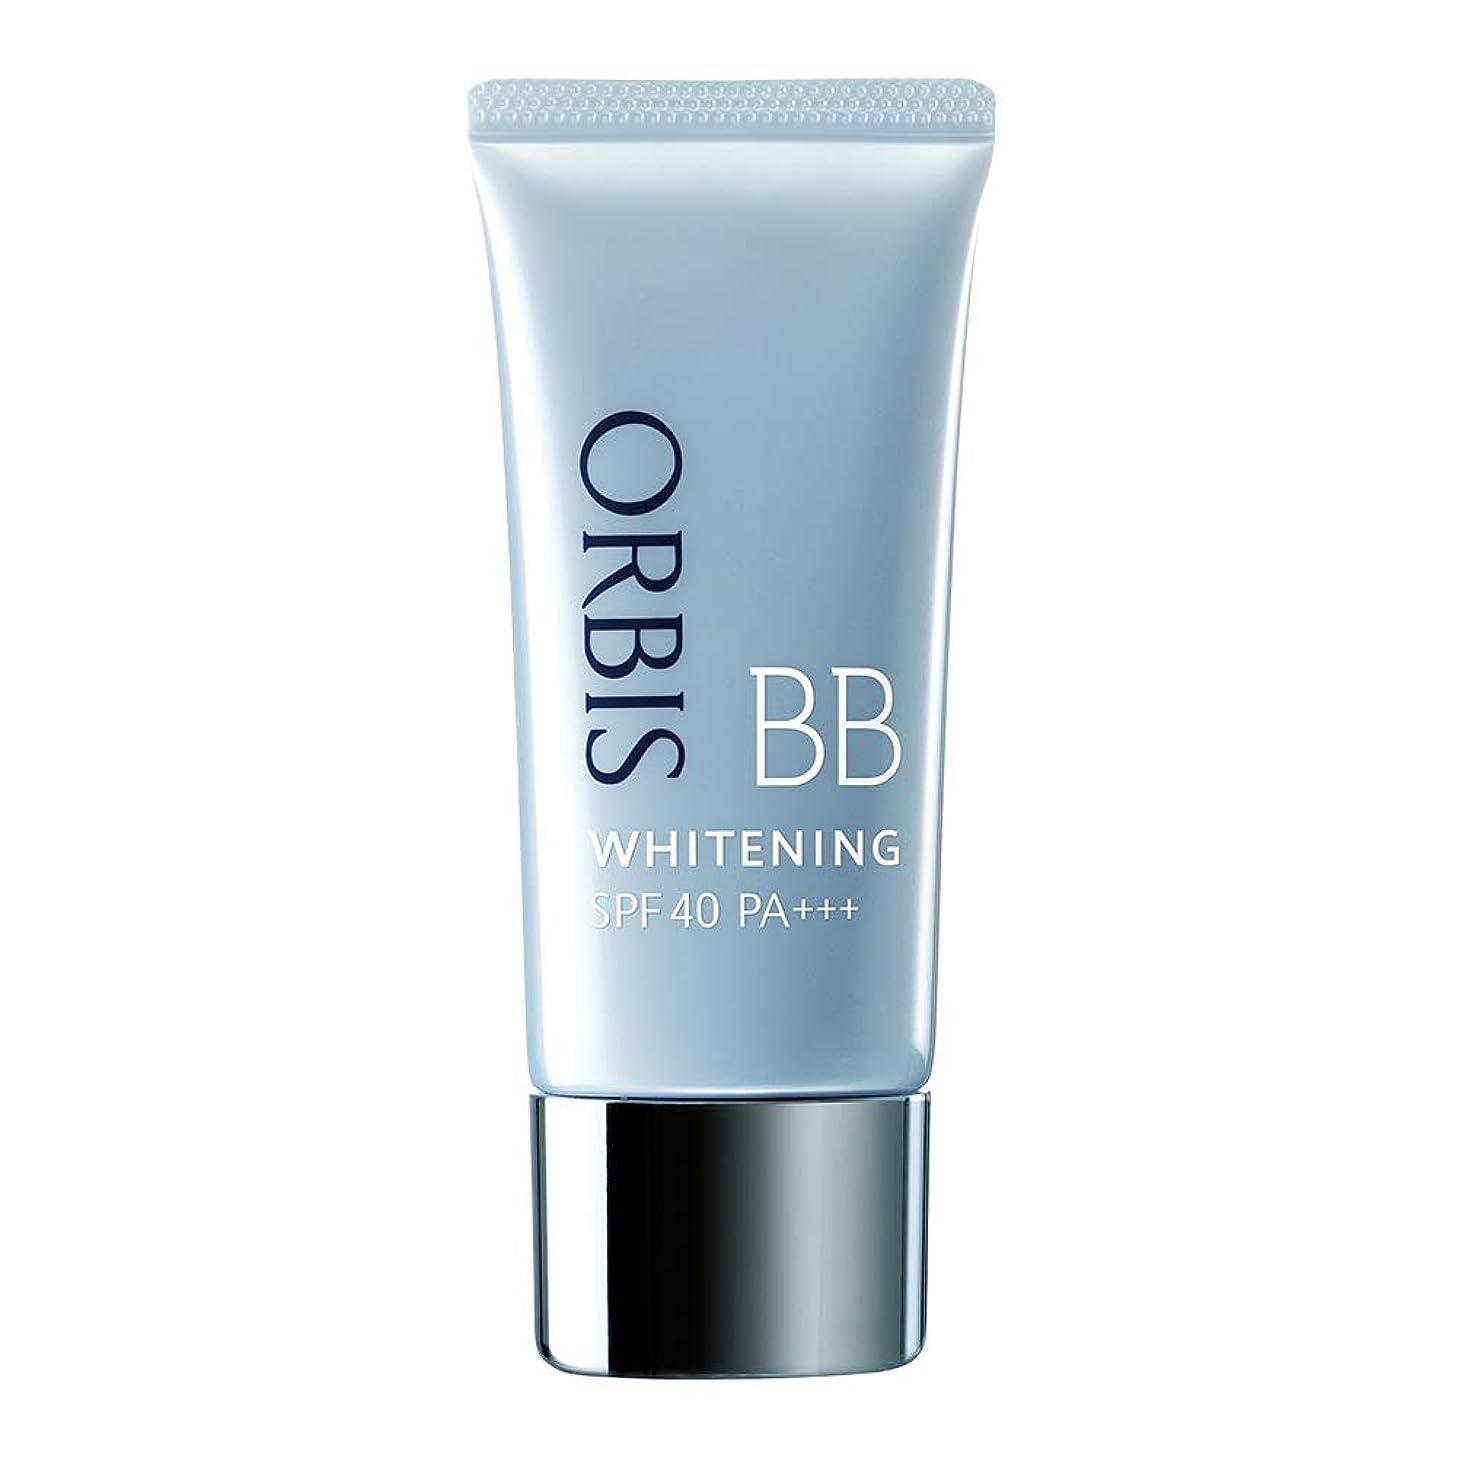 やりがいのある空の少ないオルビス(ORBIS) ホワイトニングBB(パフなし)ナチュラル 35g SPF40/PA+++ ◎薬用美白BBクリーム◎ [医薬部外品]